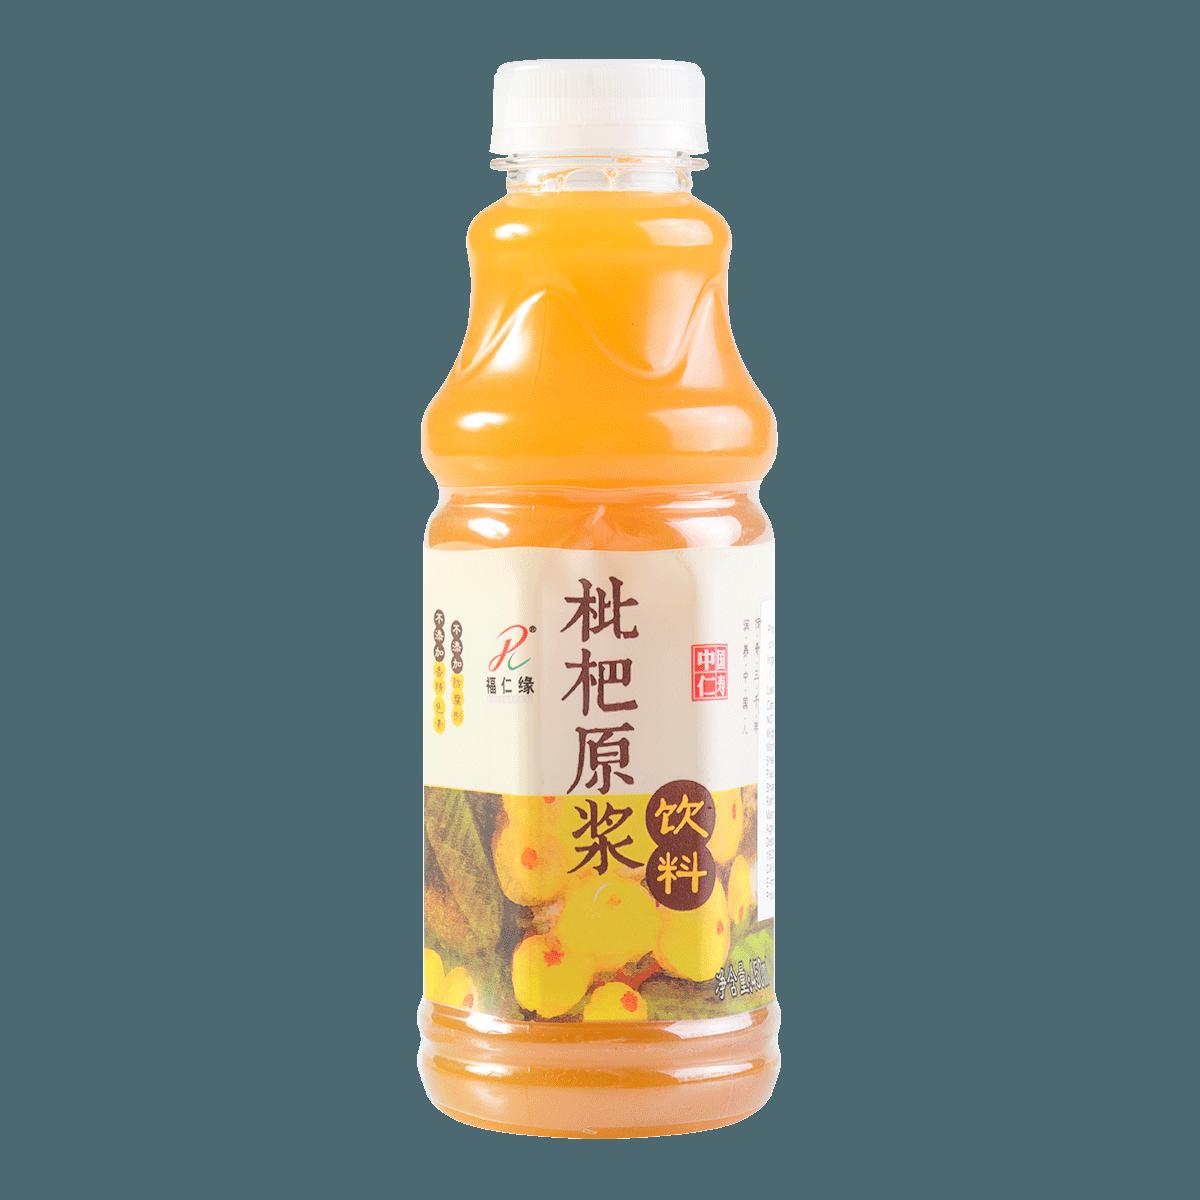 福仁缘 枇杷原浆饮料 瓶装 450ml